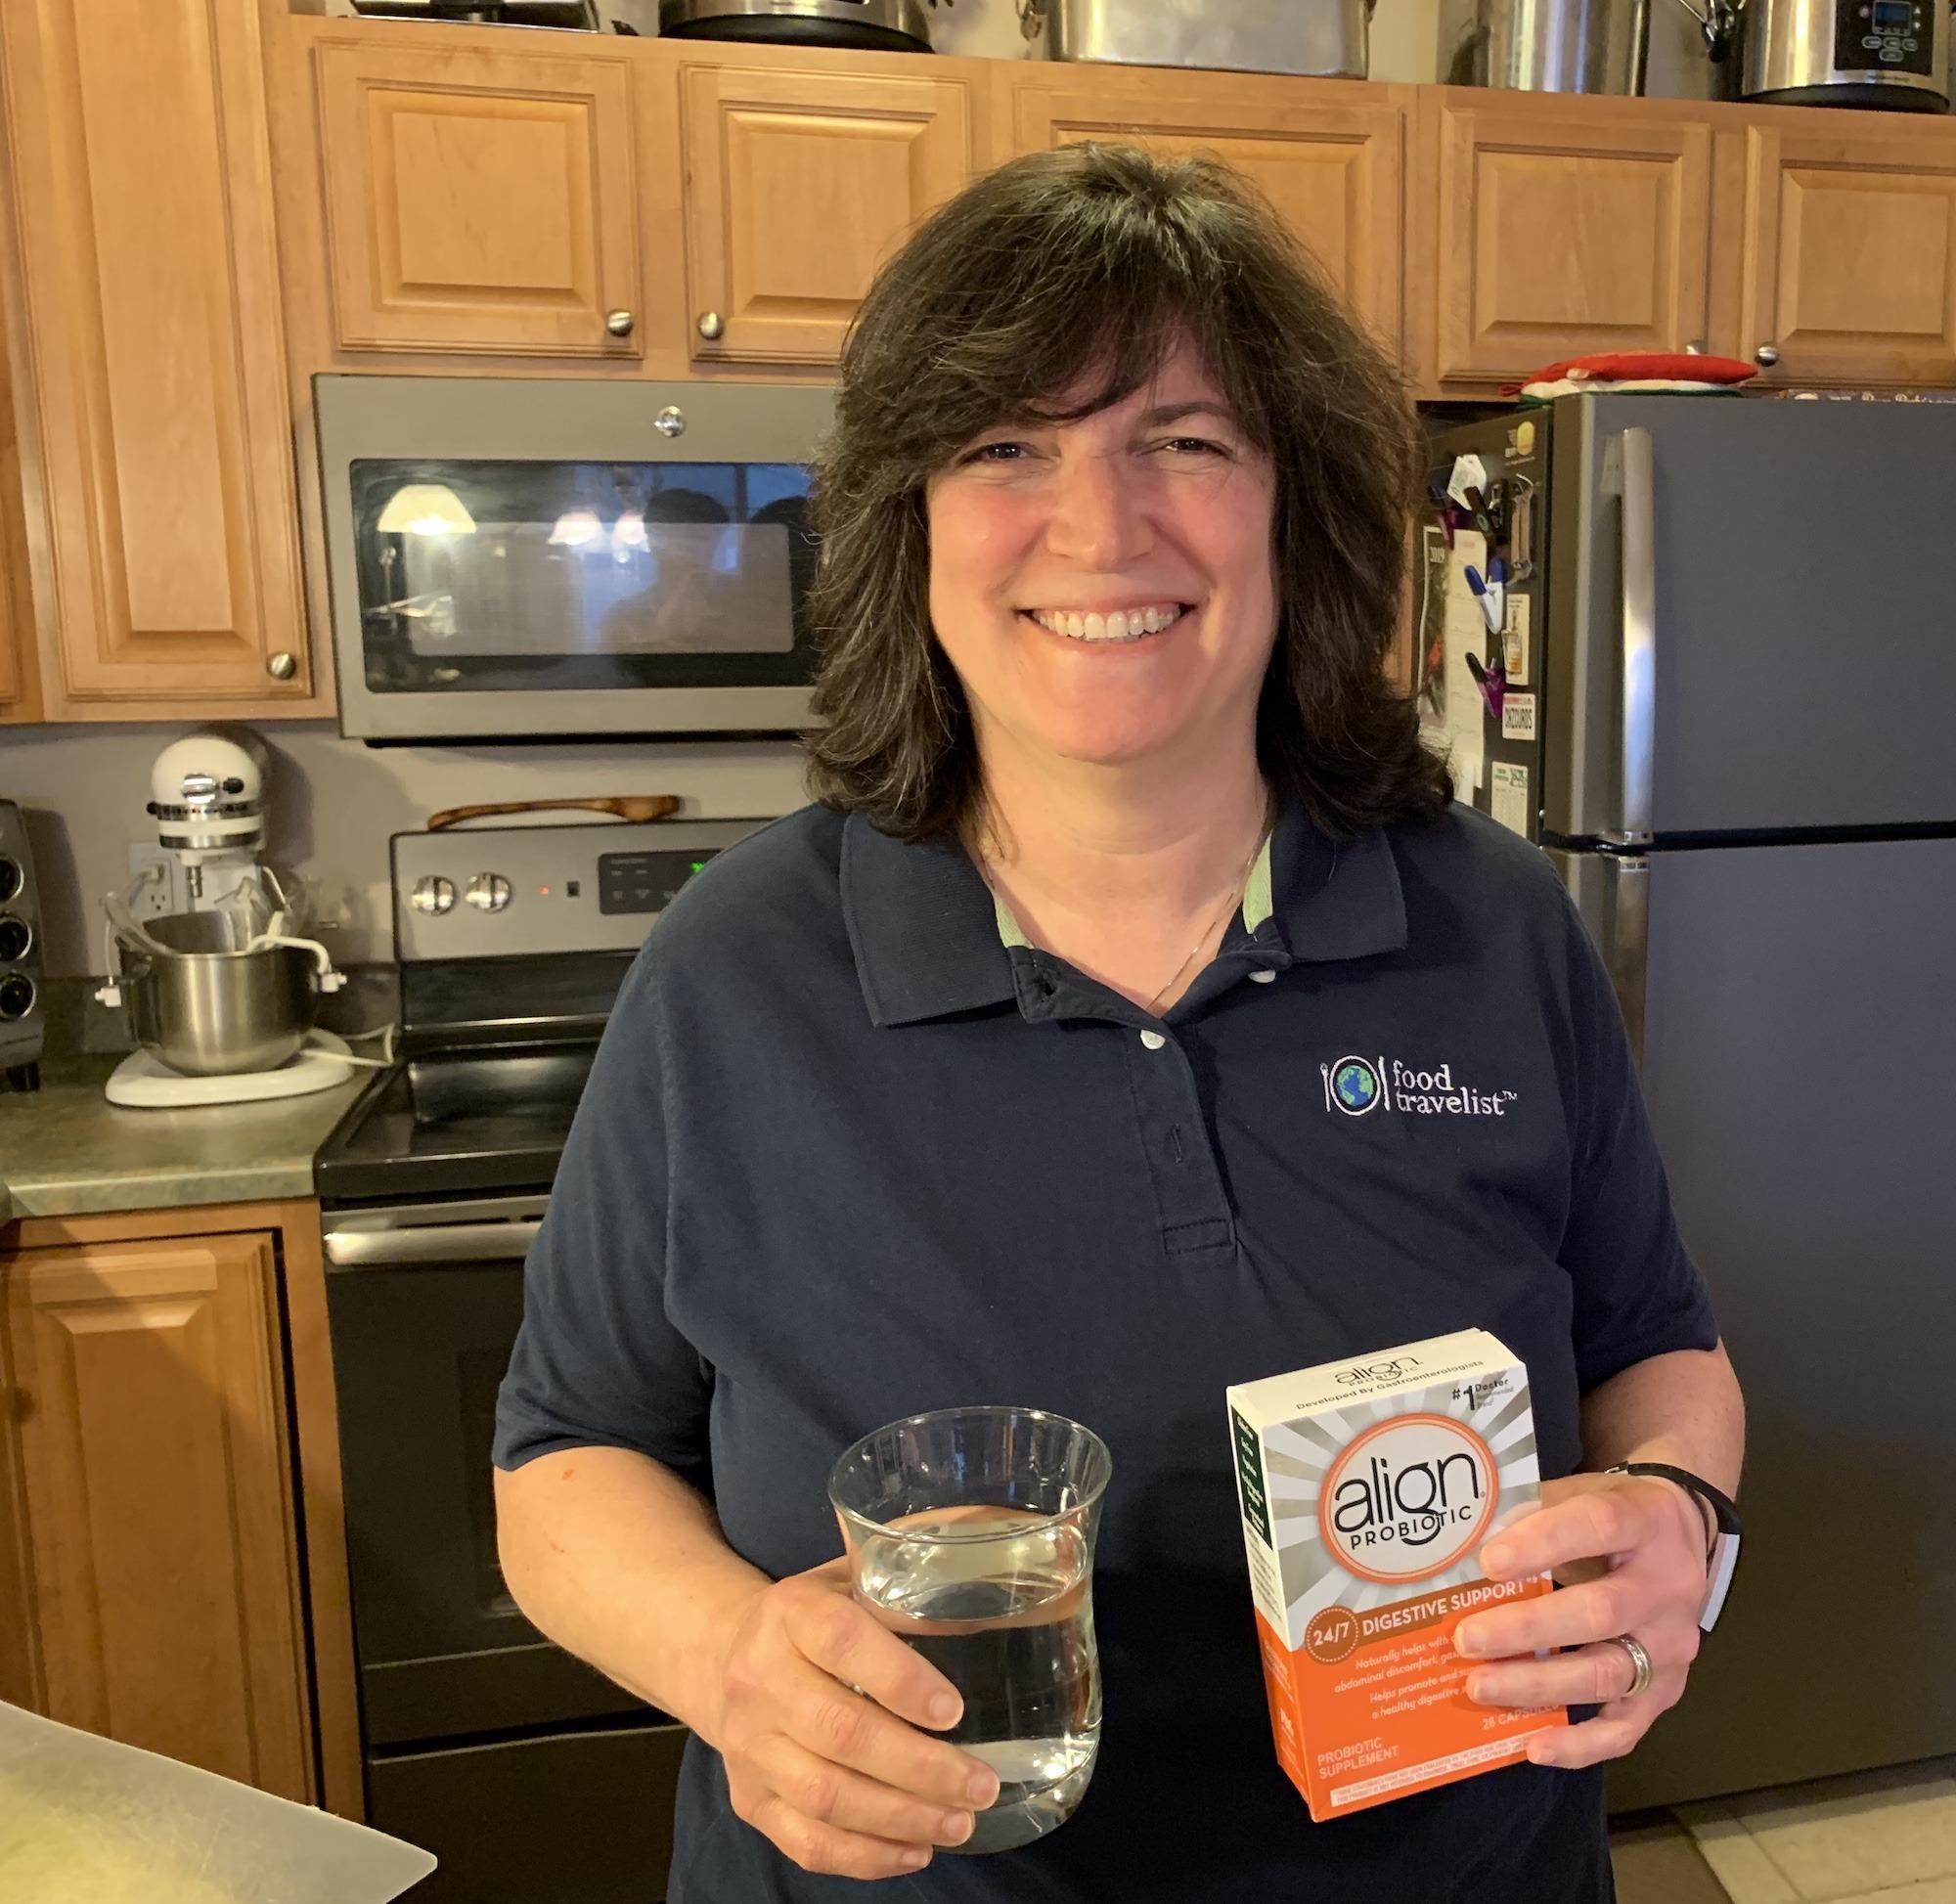 Diana Taking Align Probiotics